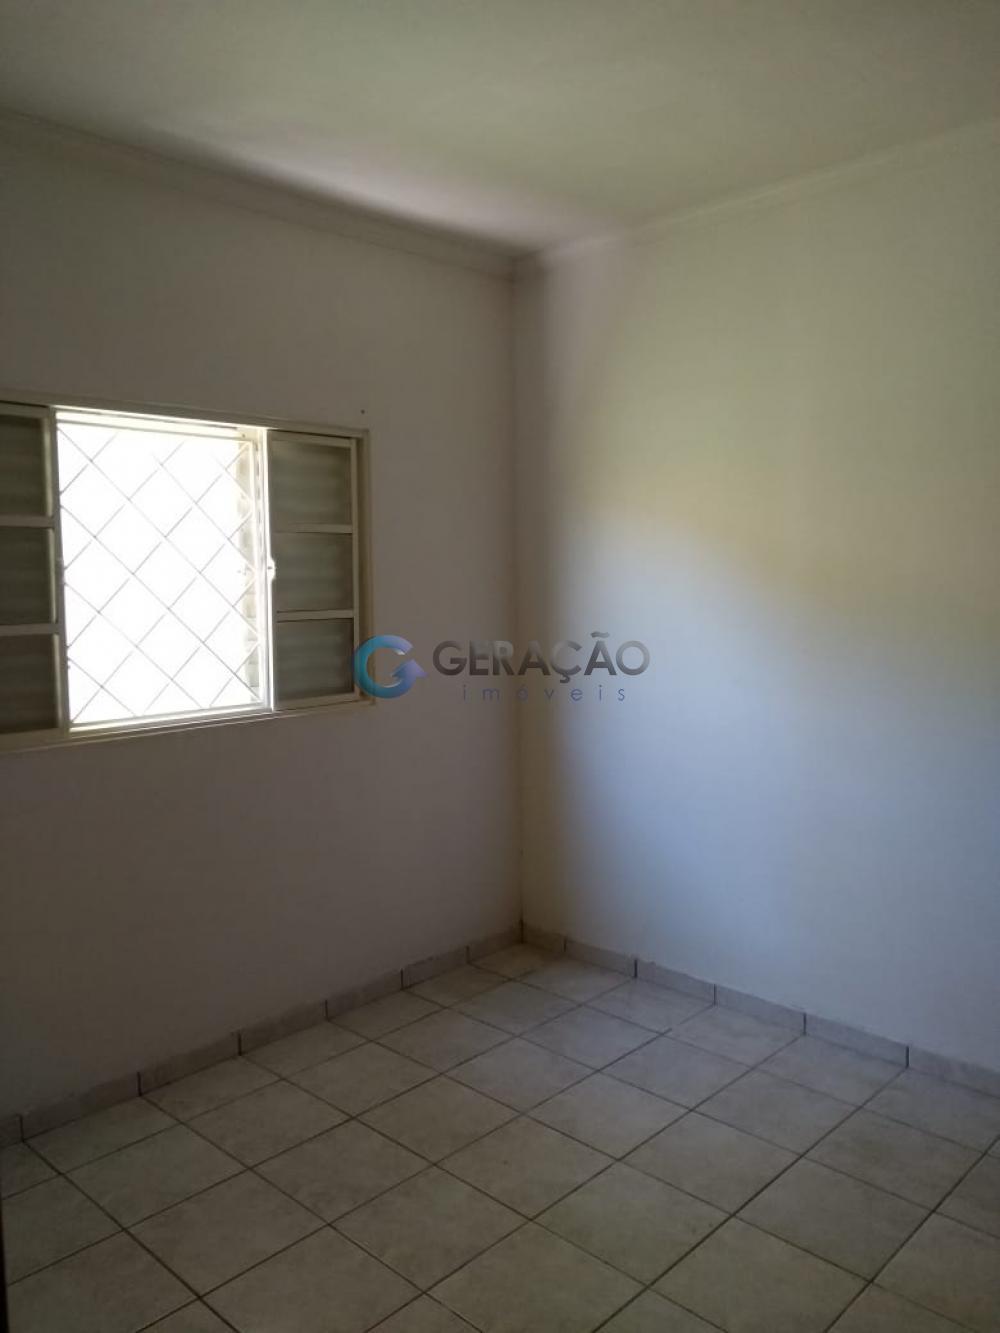 Comprar Casa / Padrão em São José dos Campos apenas R$ 215.000,00 - Foto 14